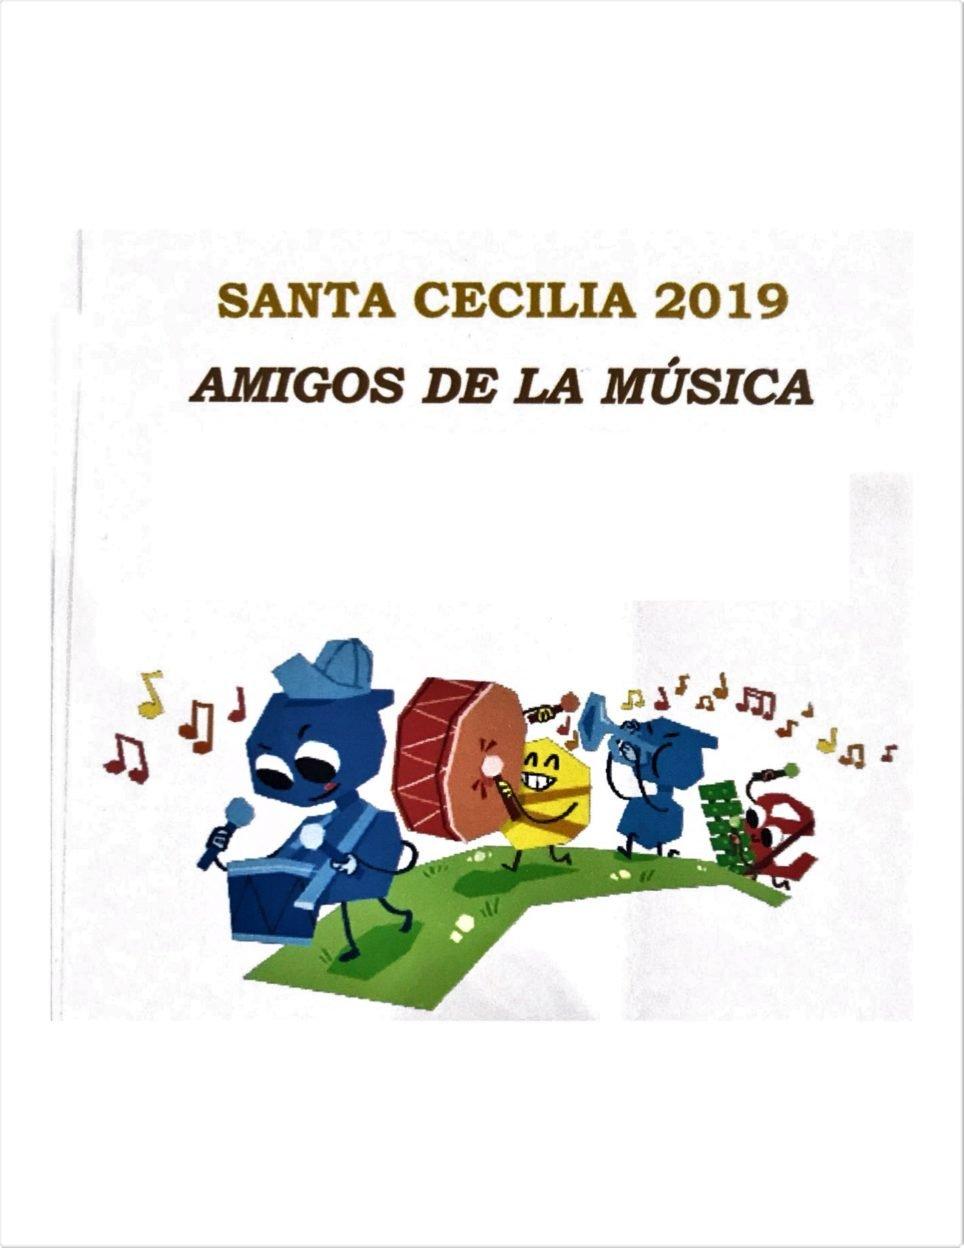 Los amigos de la música festejan a Santa Cecilia